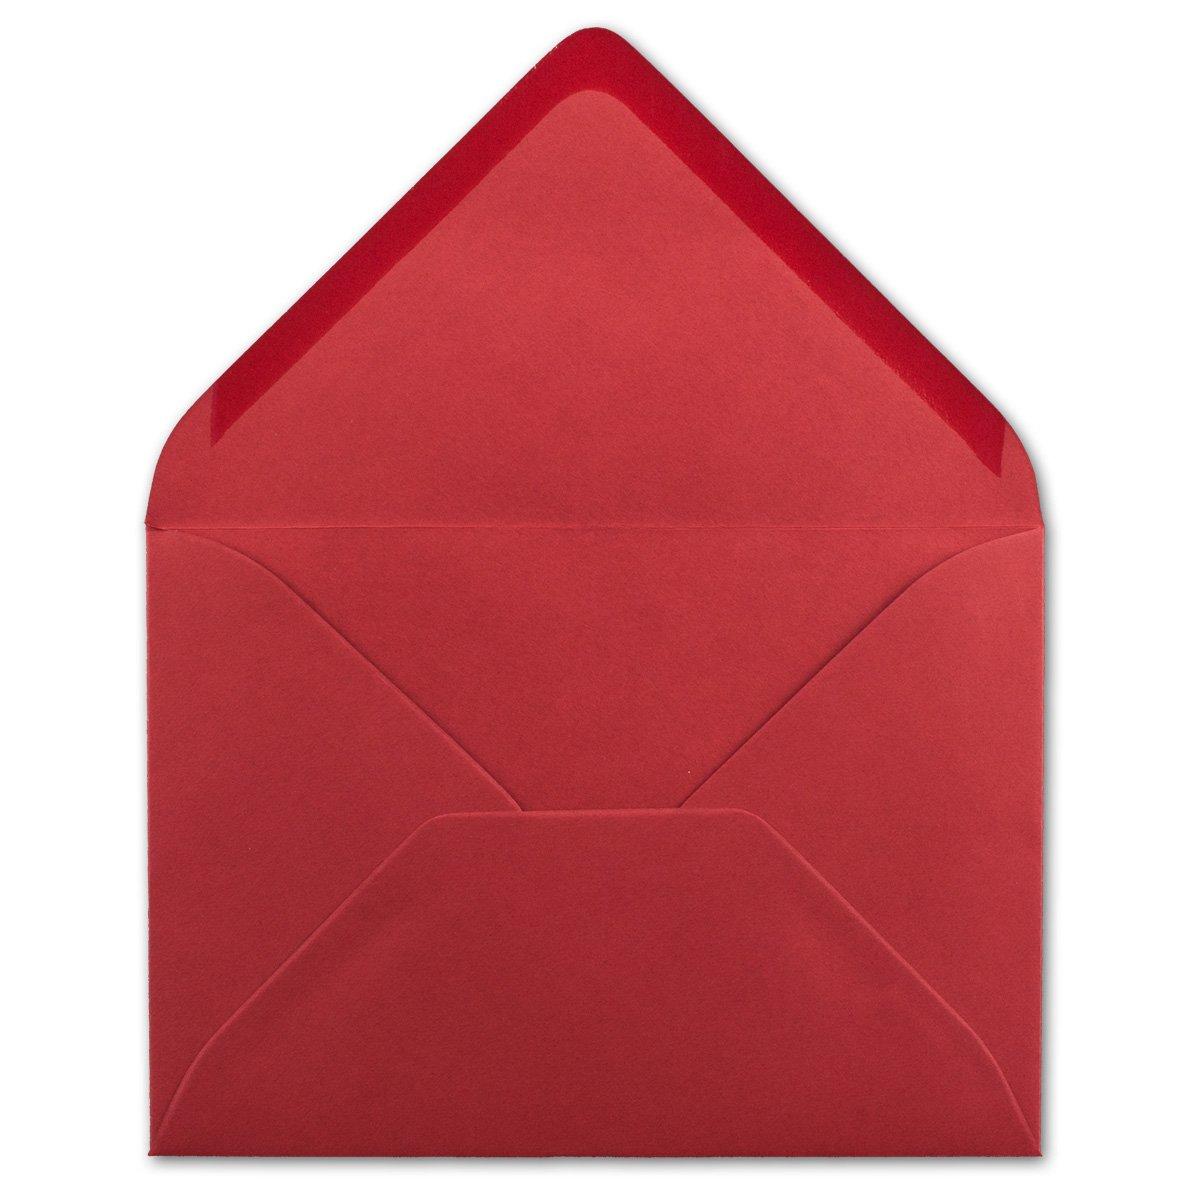 Rosenrot Gru/ß-Karten 120 g//m/² Nassklebung mit spitzer Klappe 50x Briefumschl/äge B6 17,5 x 12,5 cm F/ür Hochzeit Einladungen